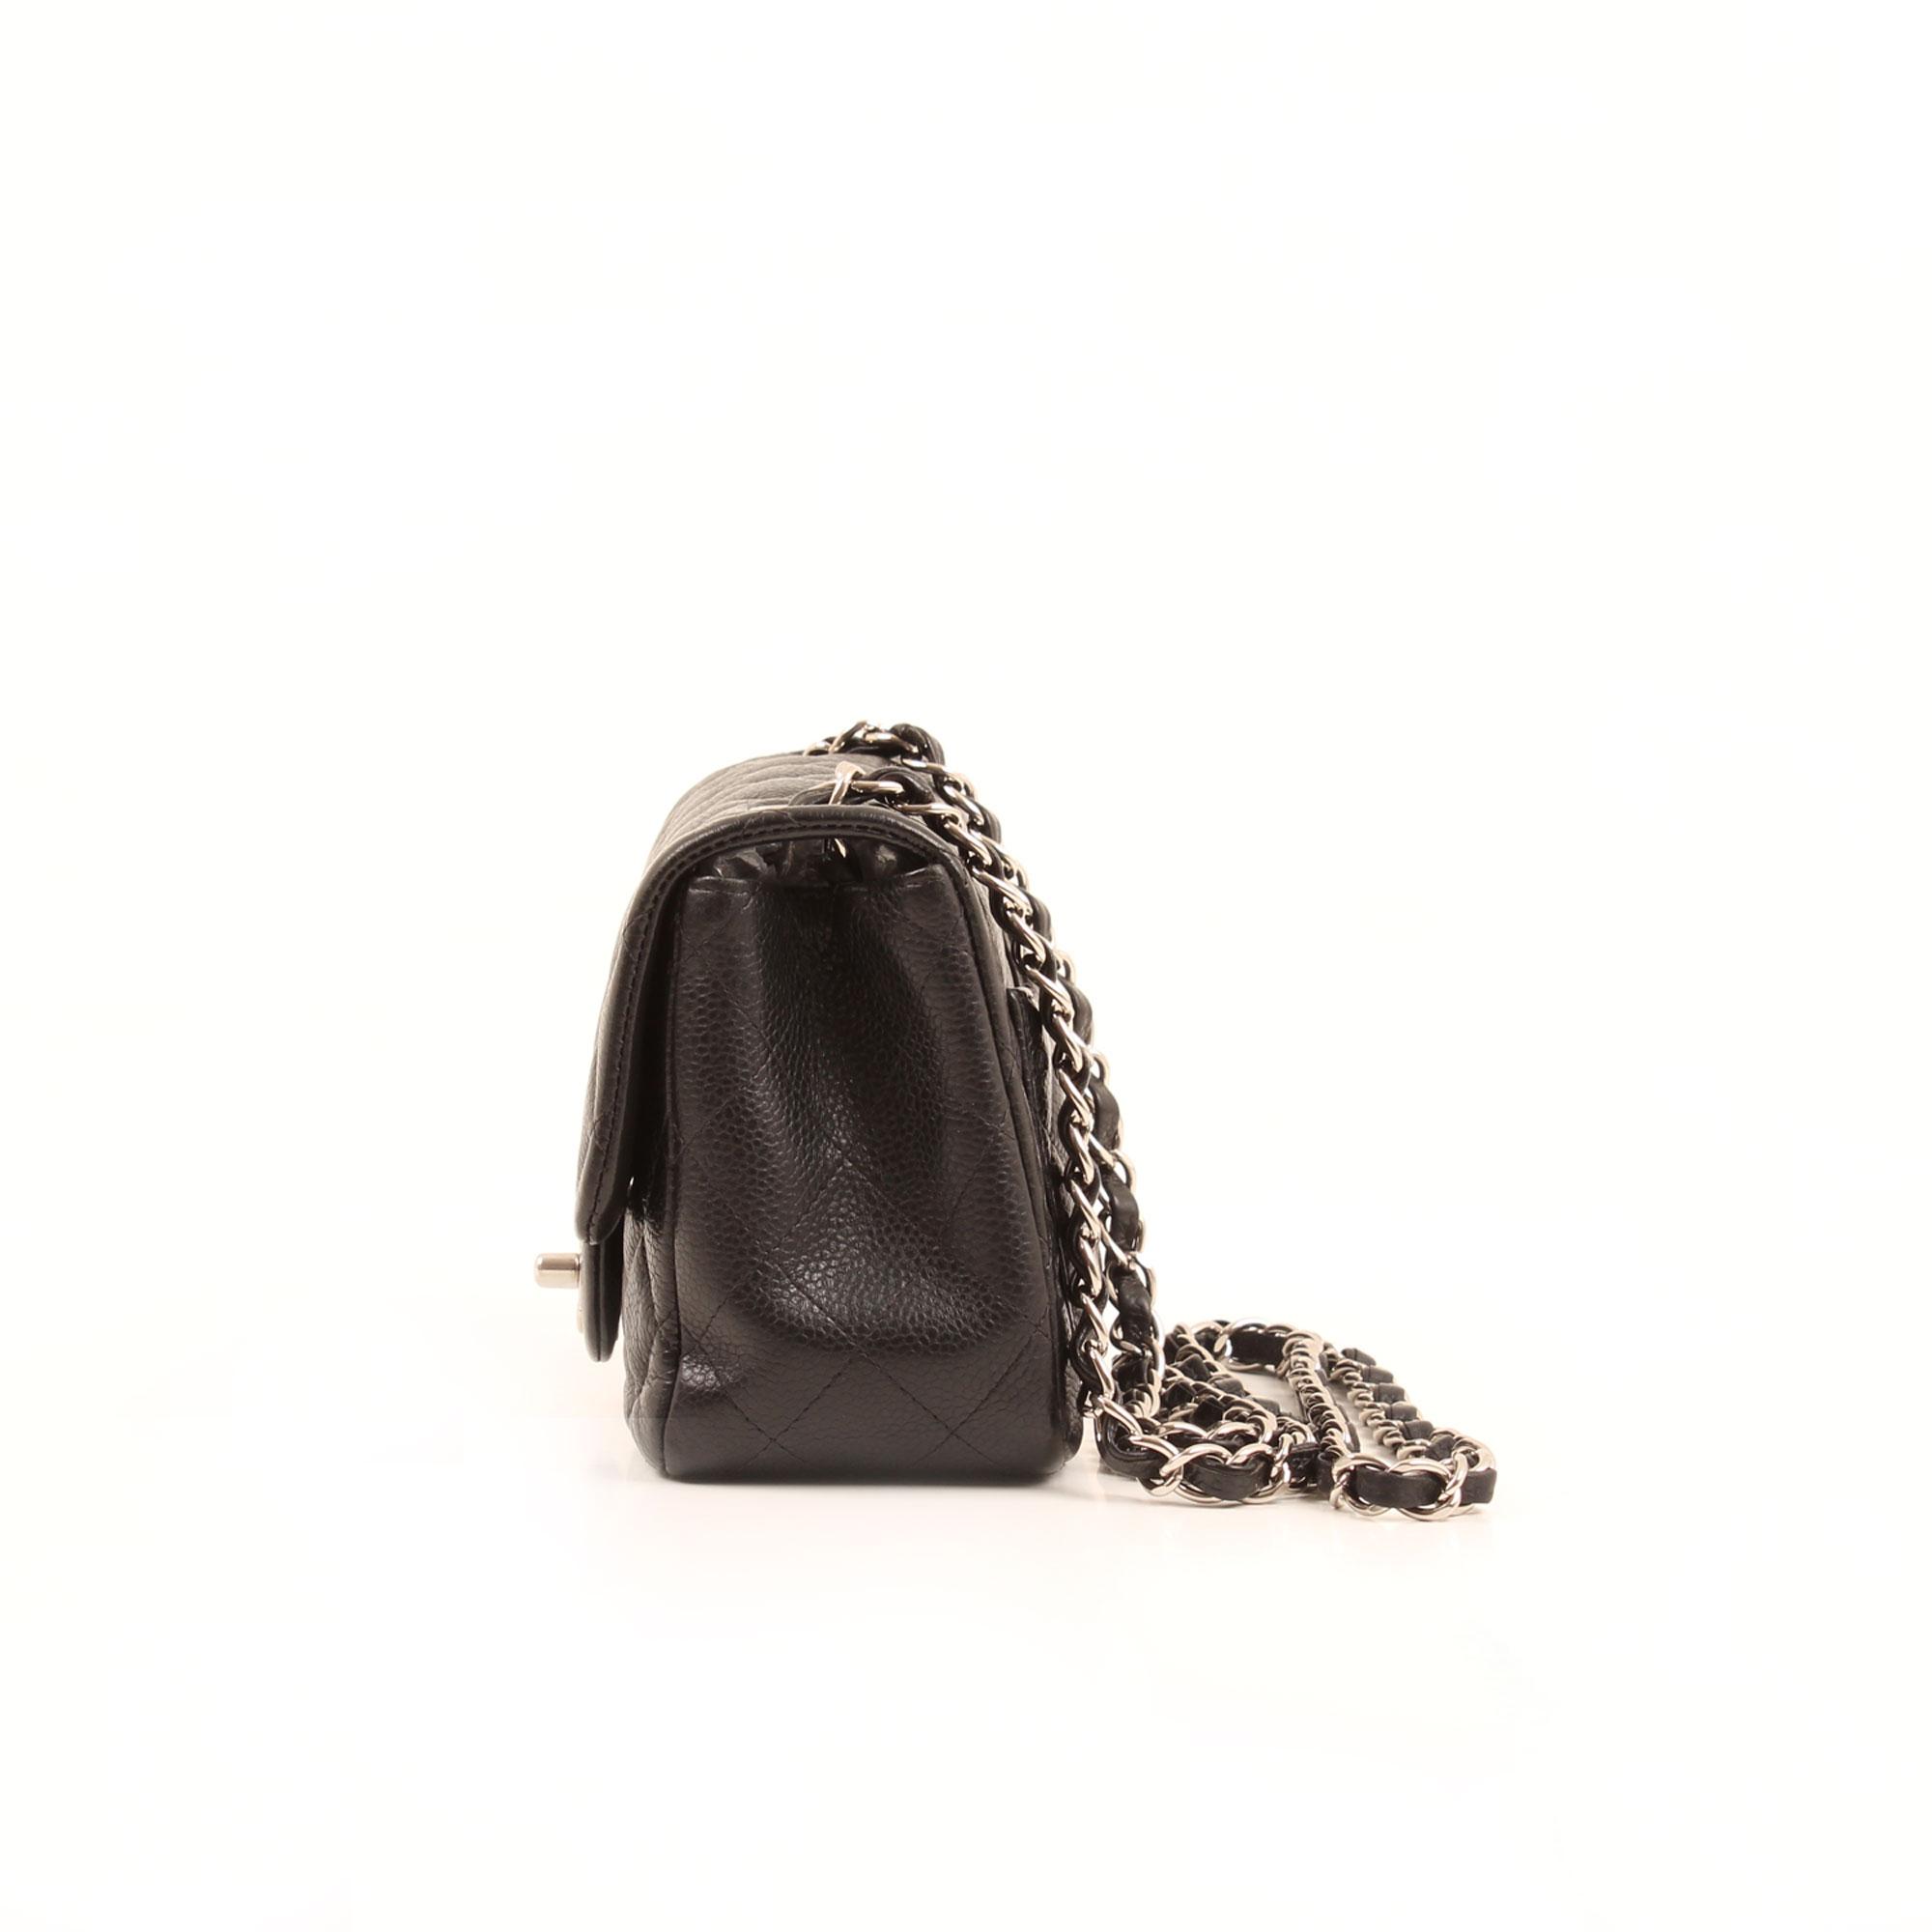 Imagen lateral del bolso chanel mini timeless negro caviar